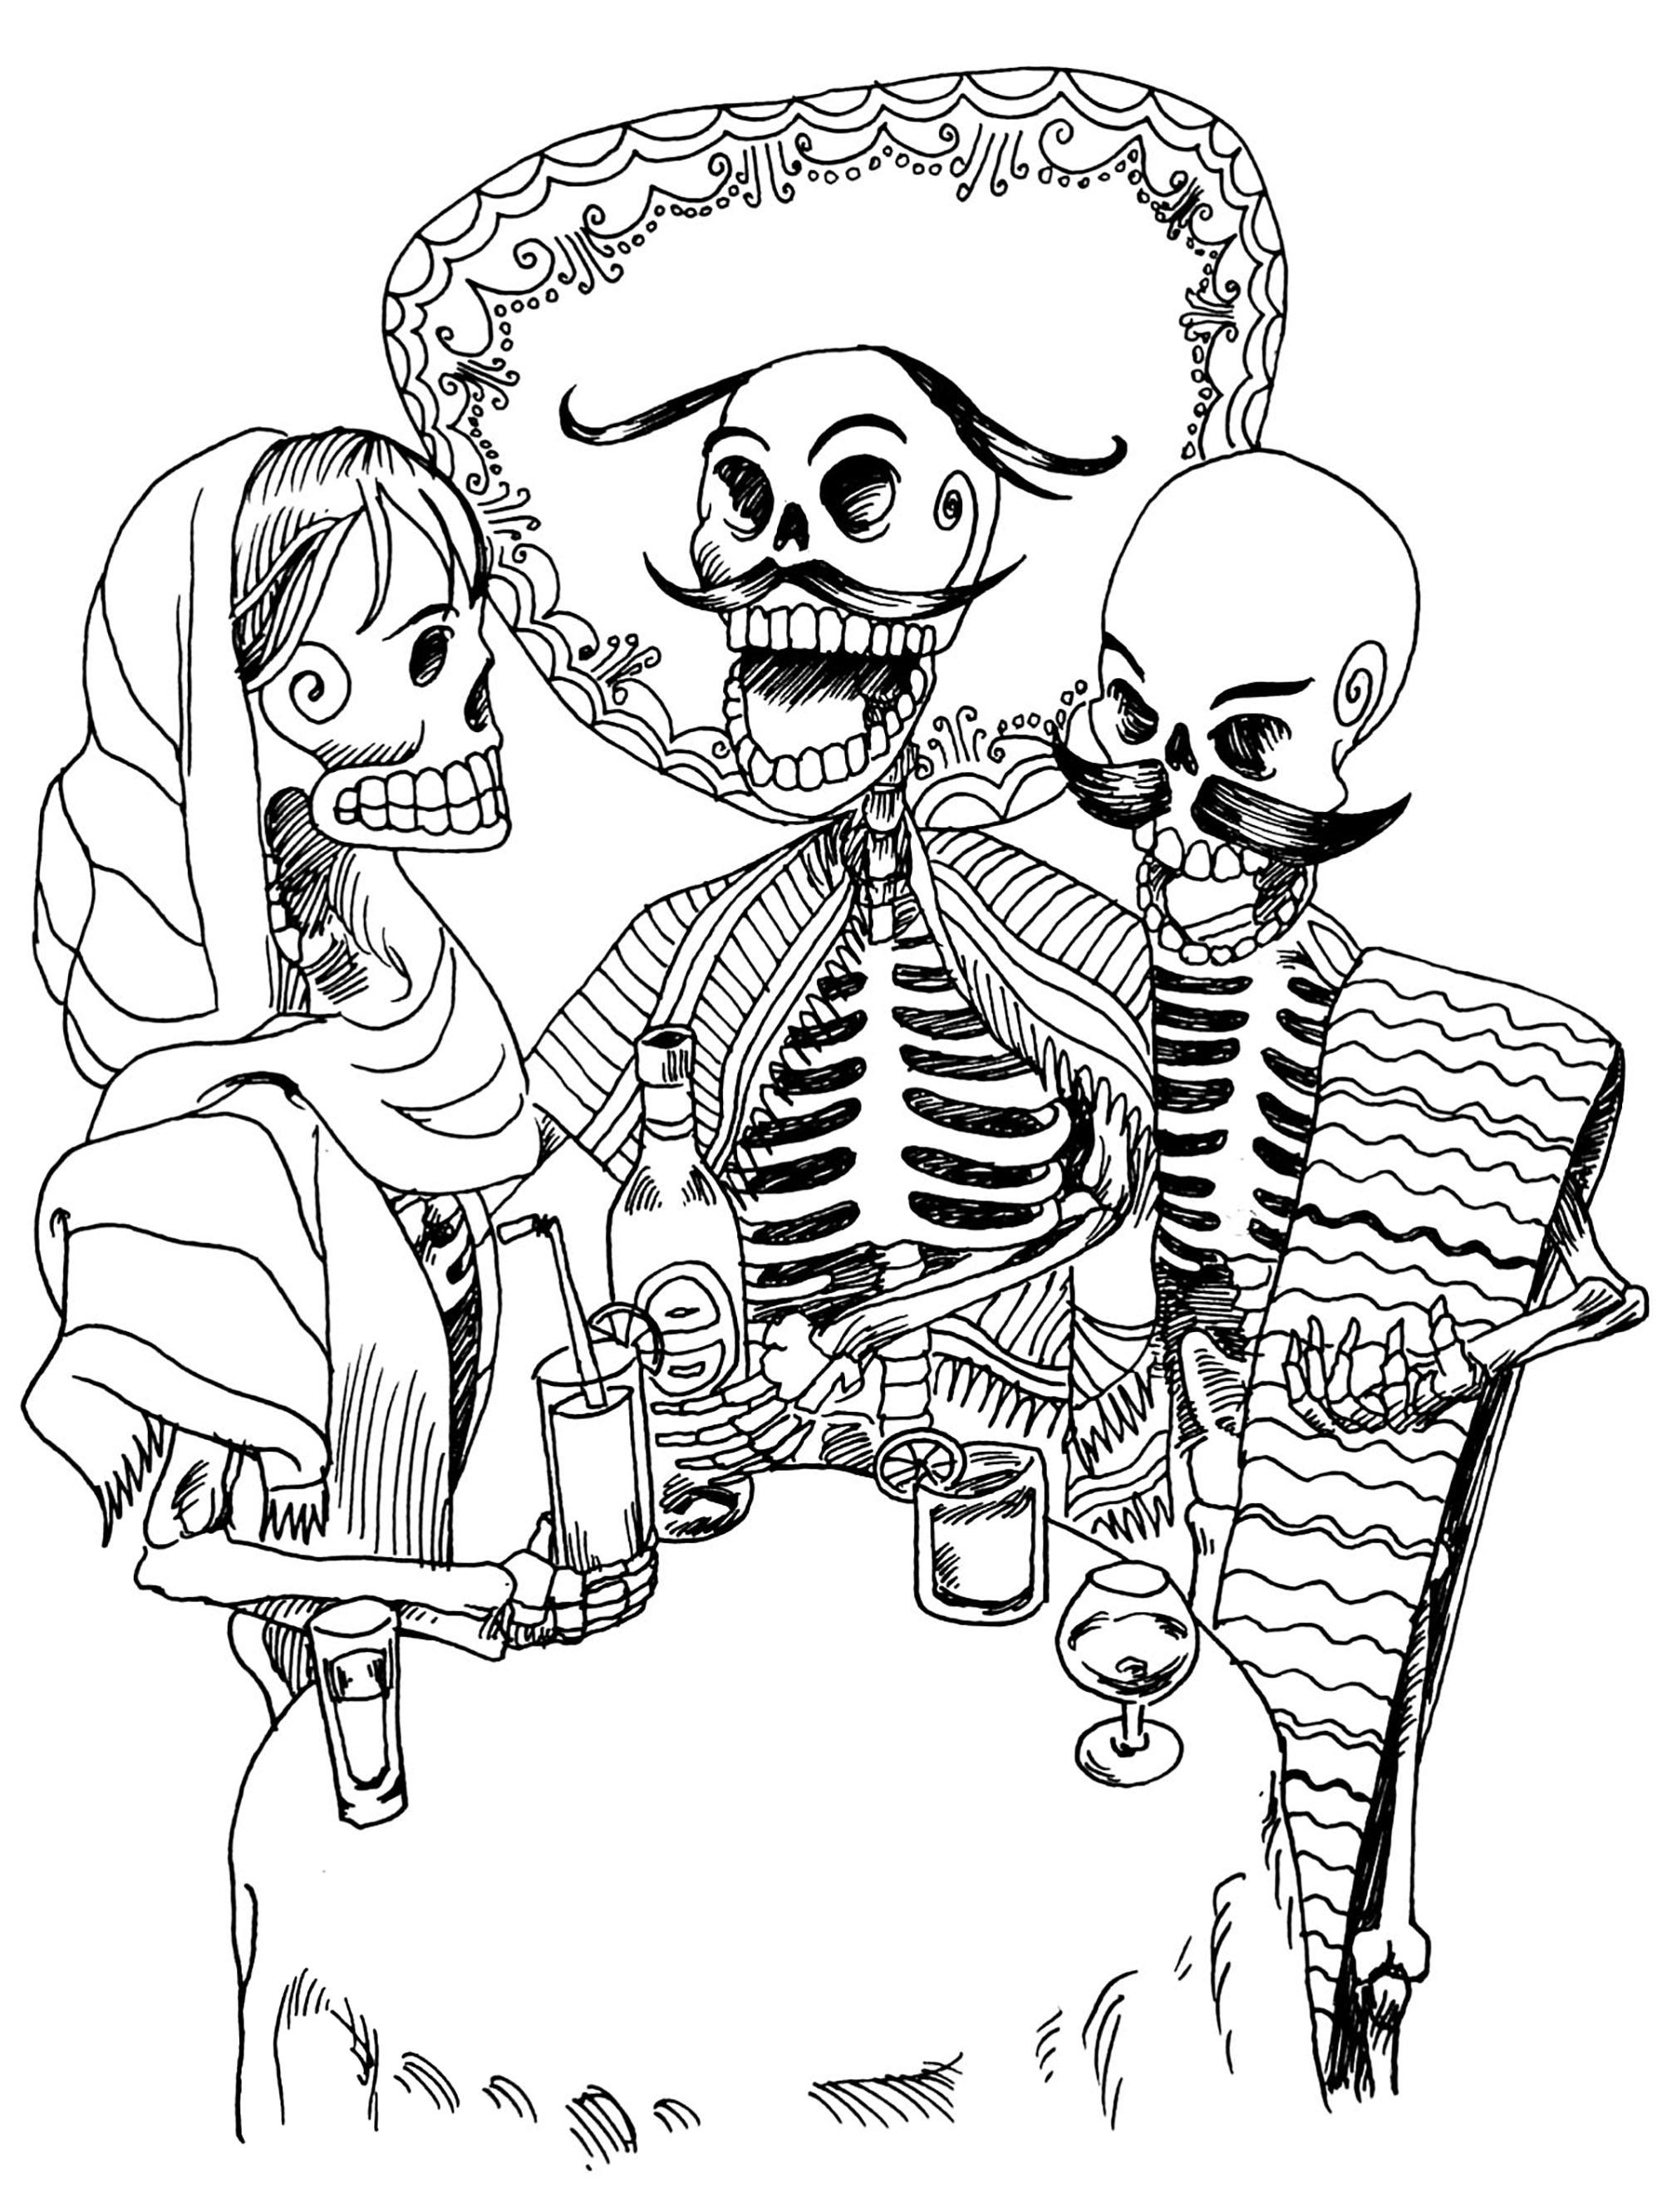 Disegni da colorare per adulti : El Dia De Los Muertos - 13